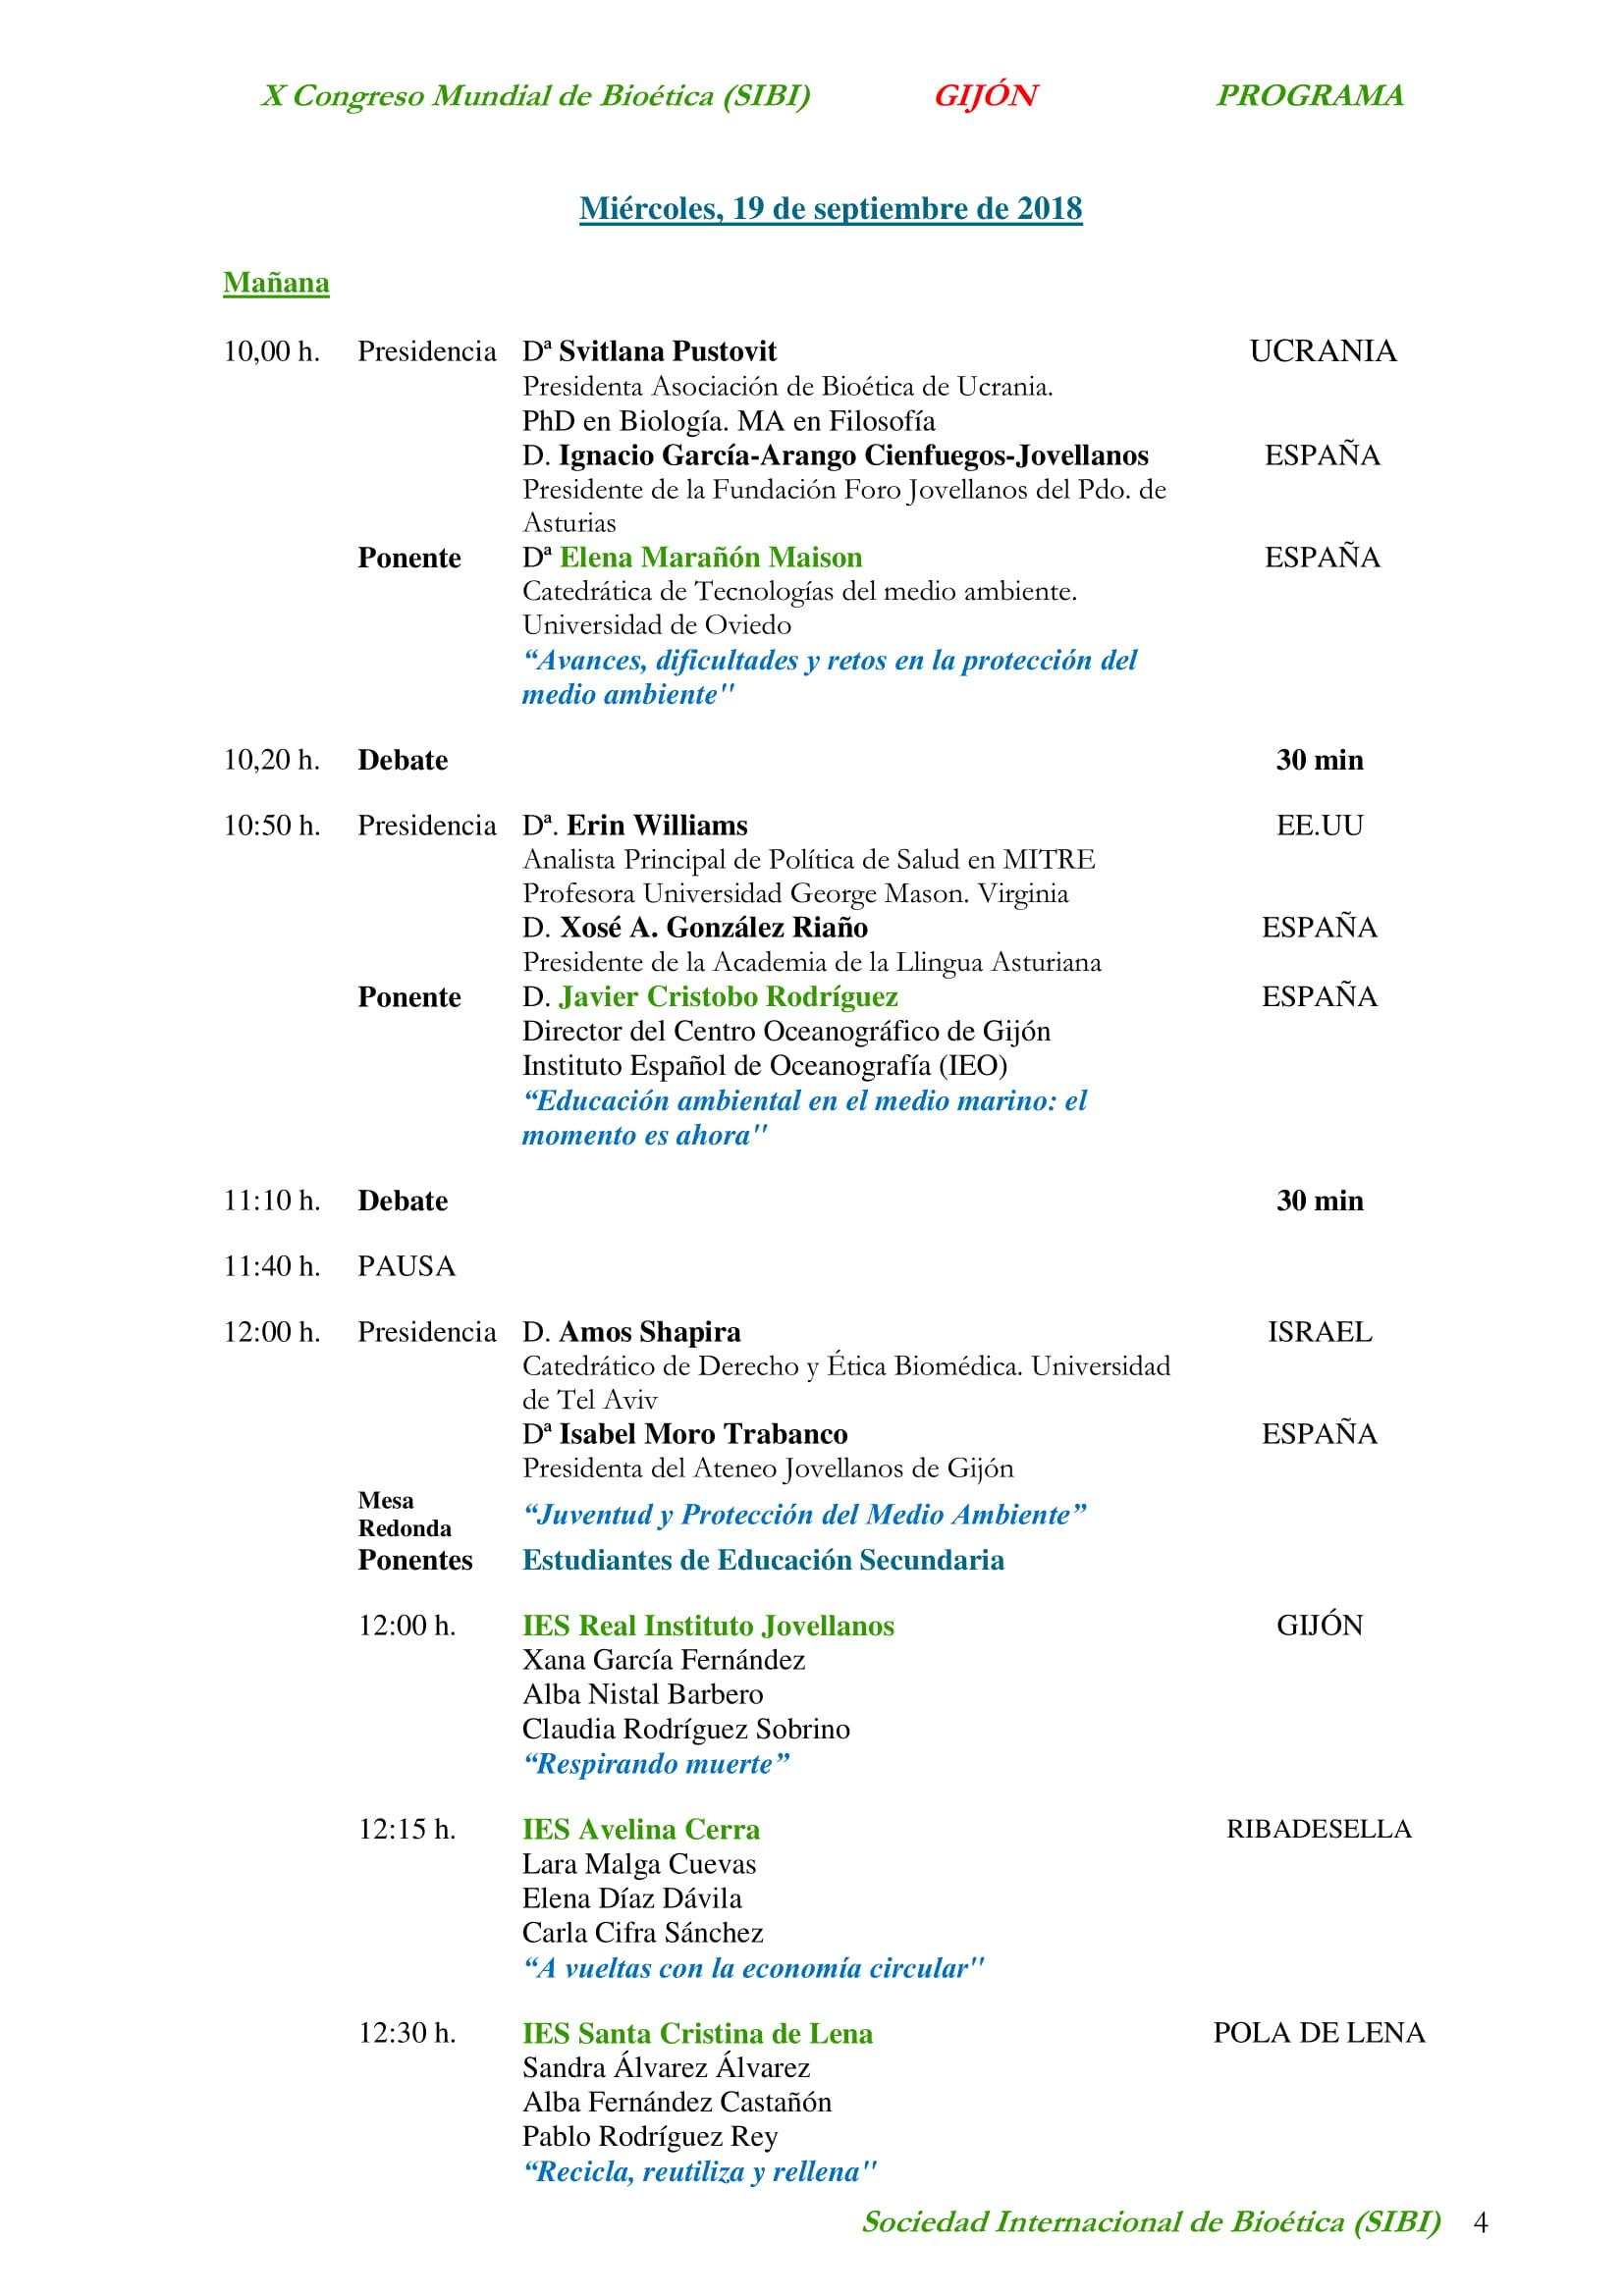 programa X congreso mundial bioetica en gijon